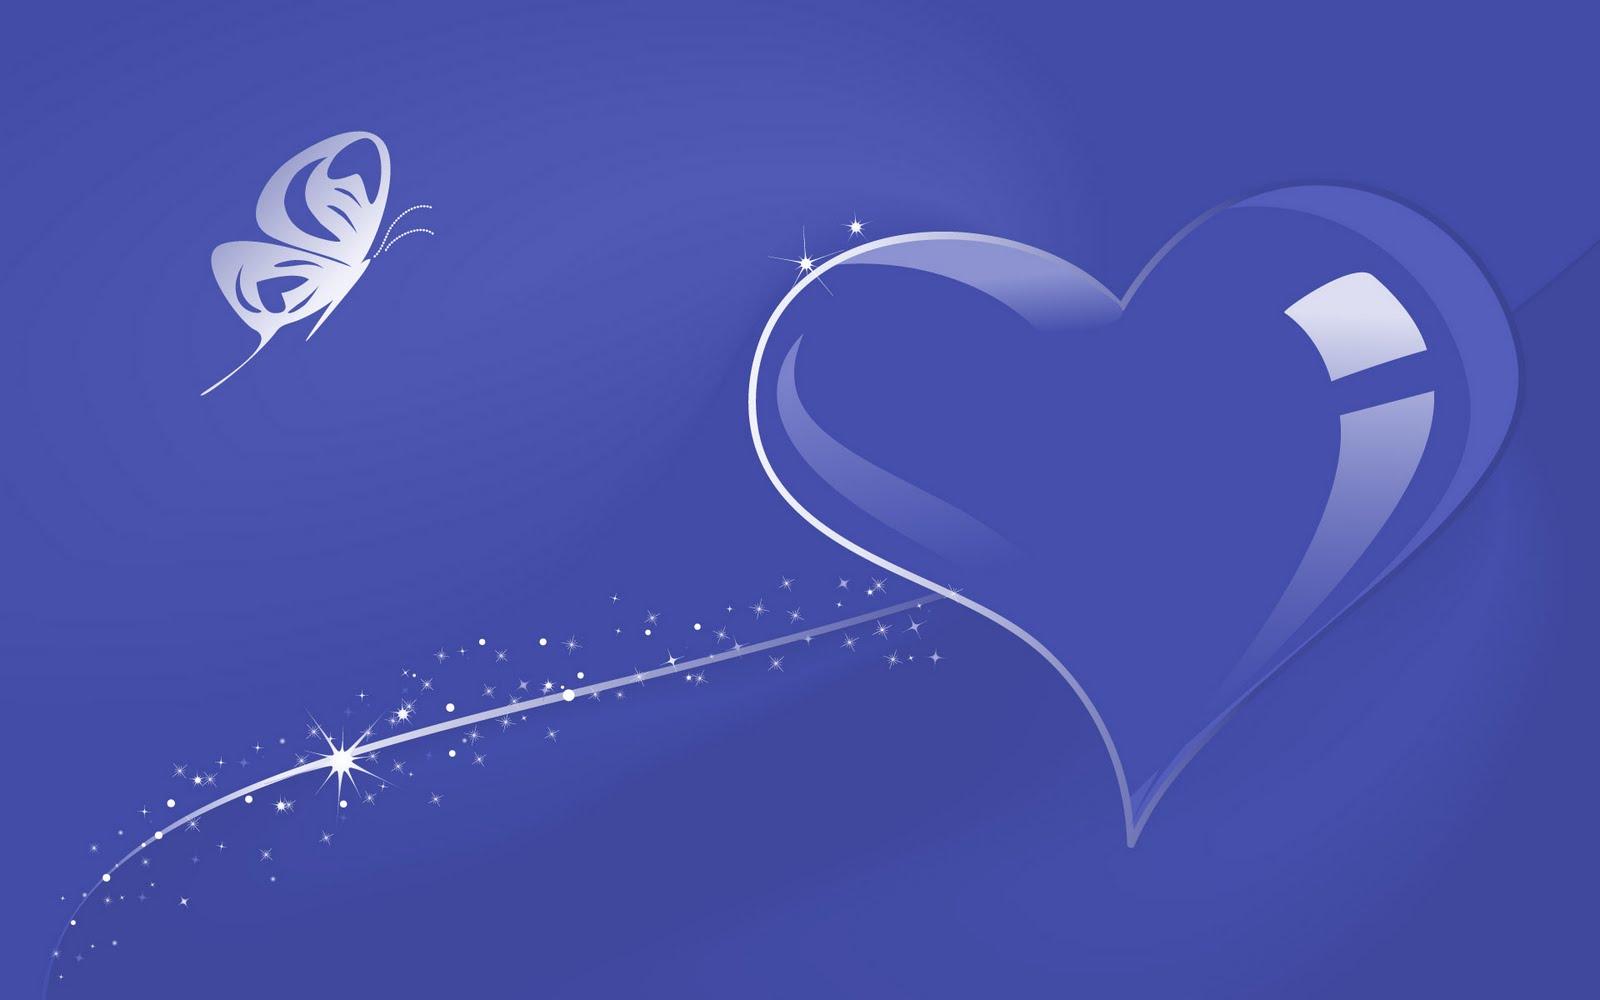 ilona wallpapers 10 romantic - photo #32